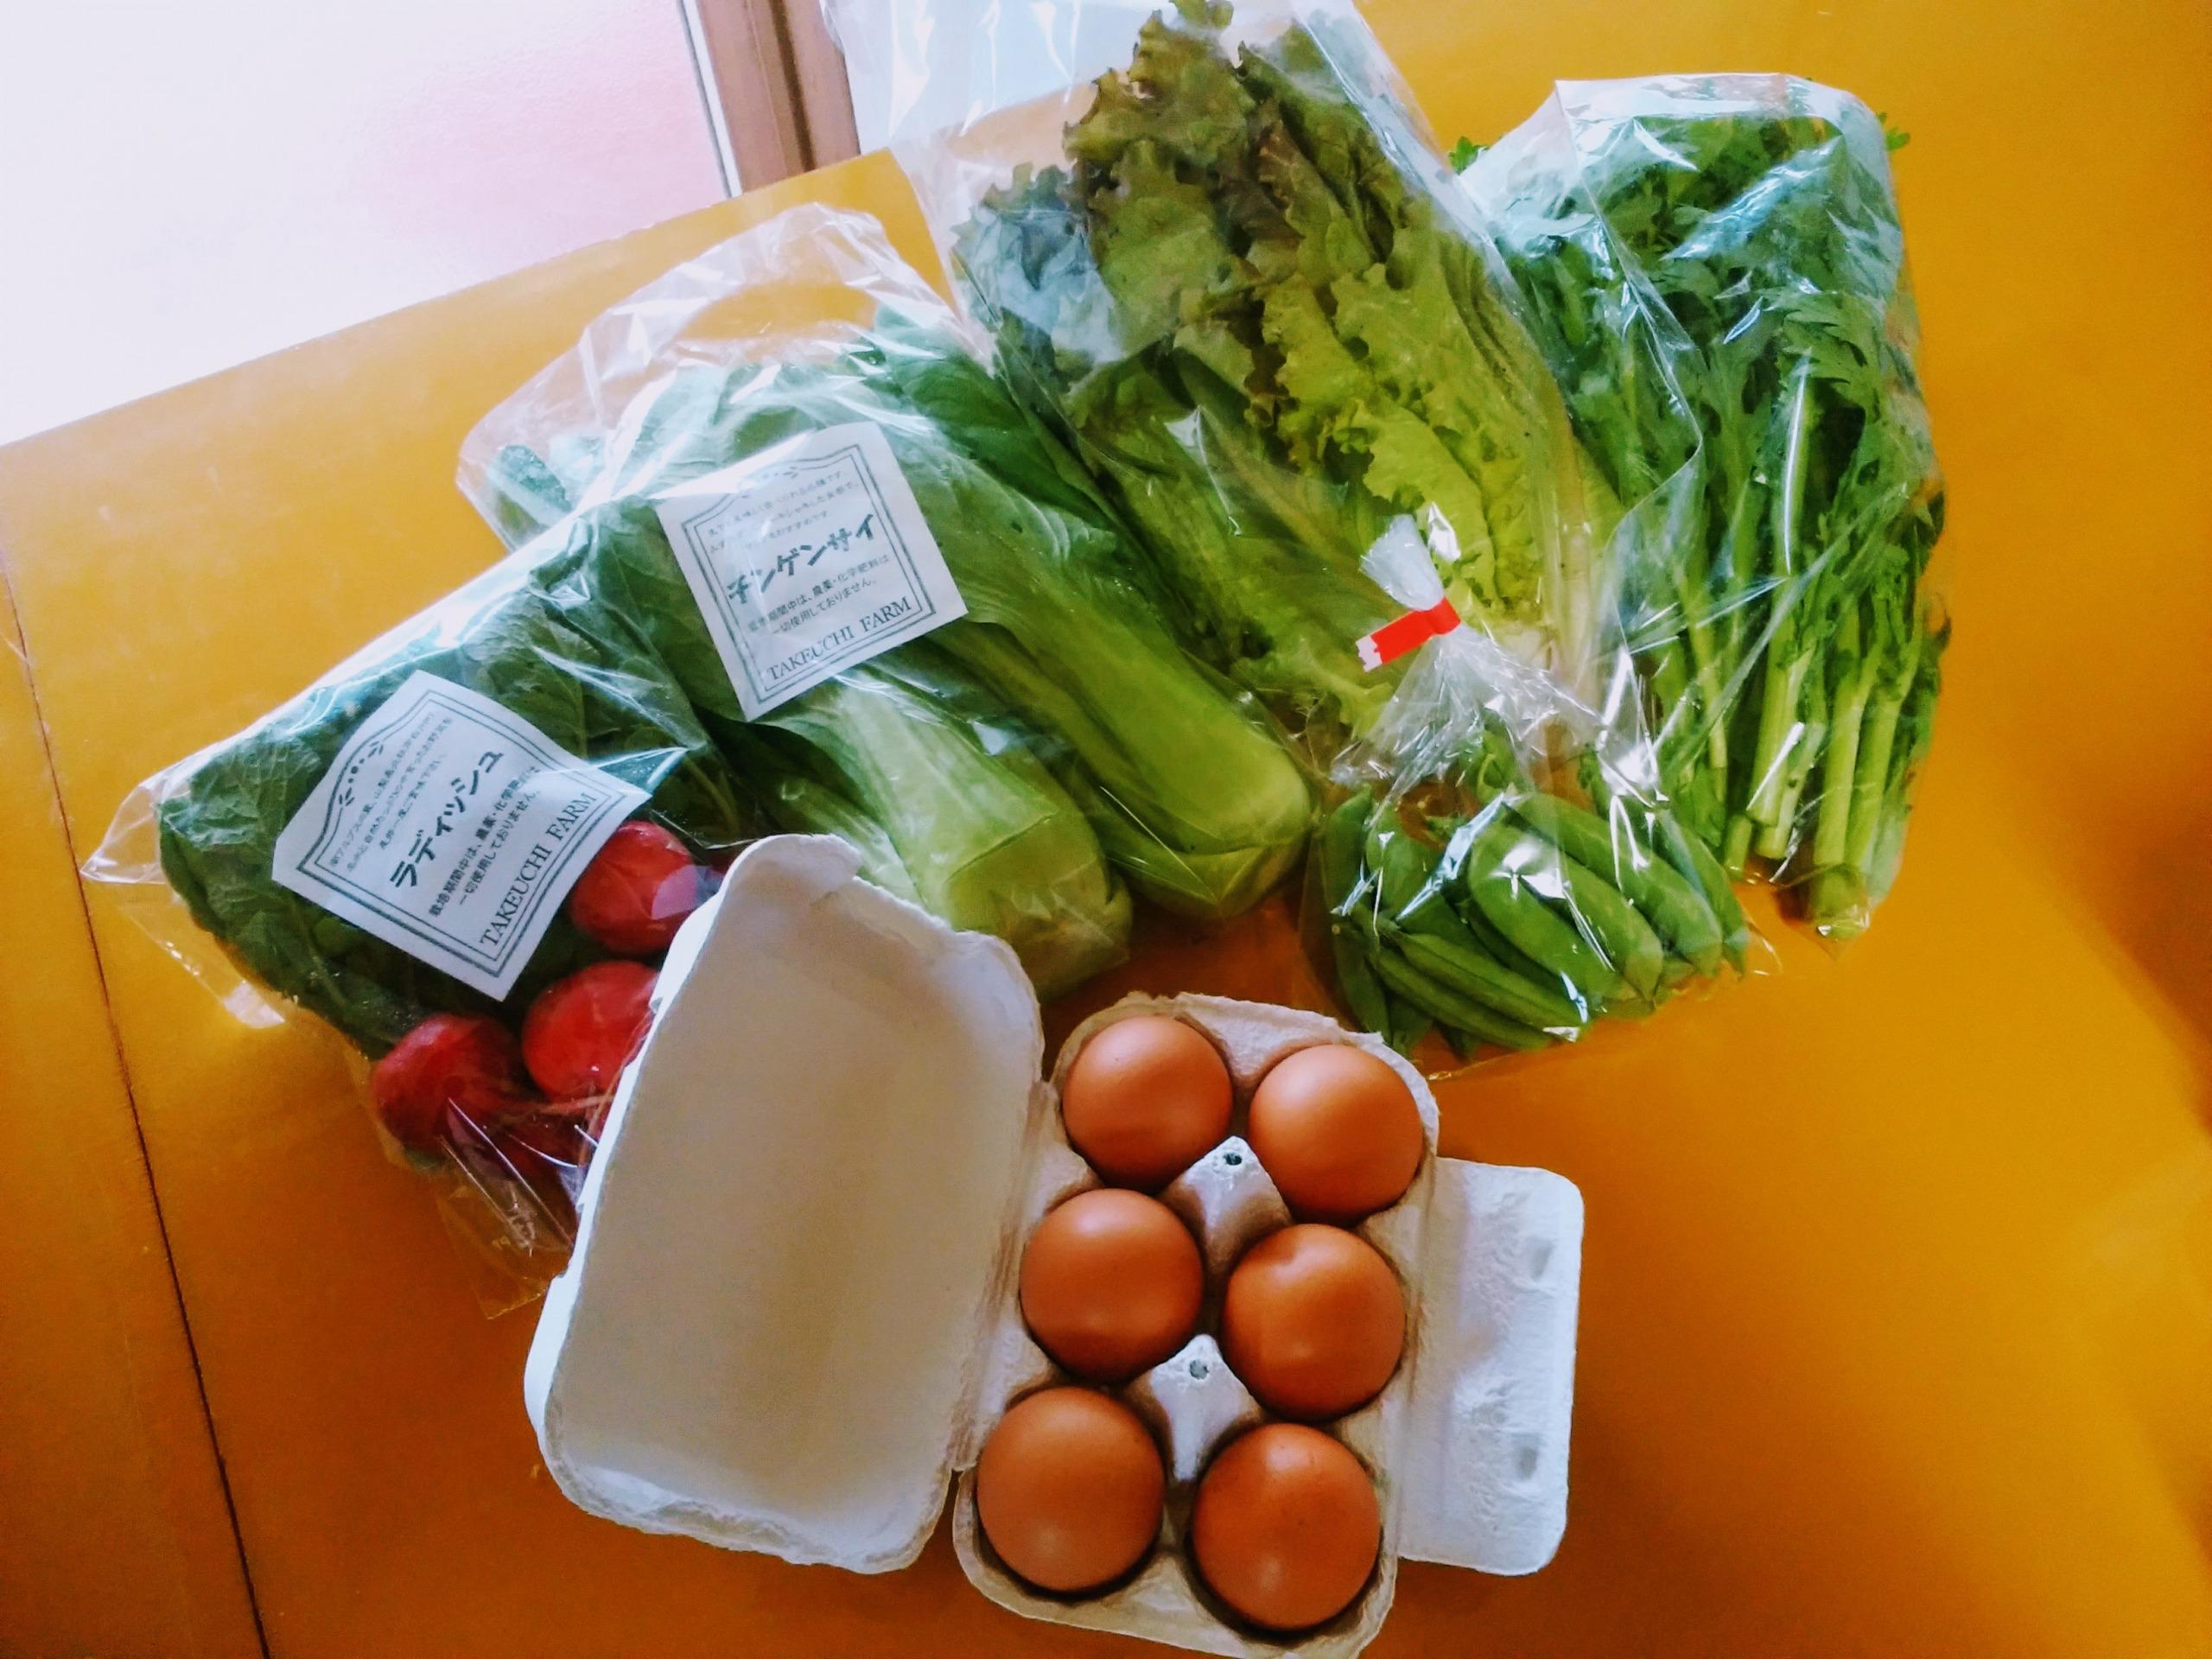 野菜たまごBOX「甲斐駒の恵み」Sセット(期間限定・送料無料:愛情♡やまなし農産物パック適用)